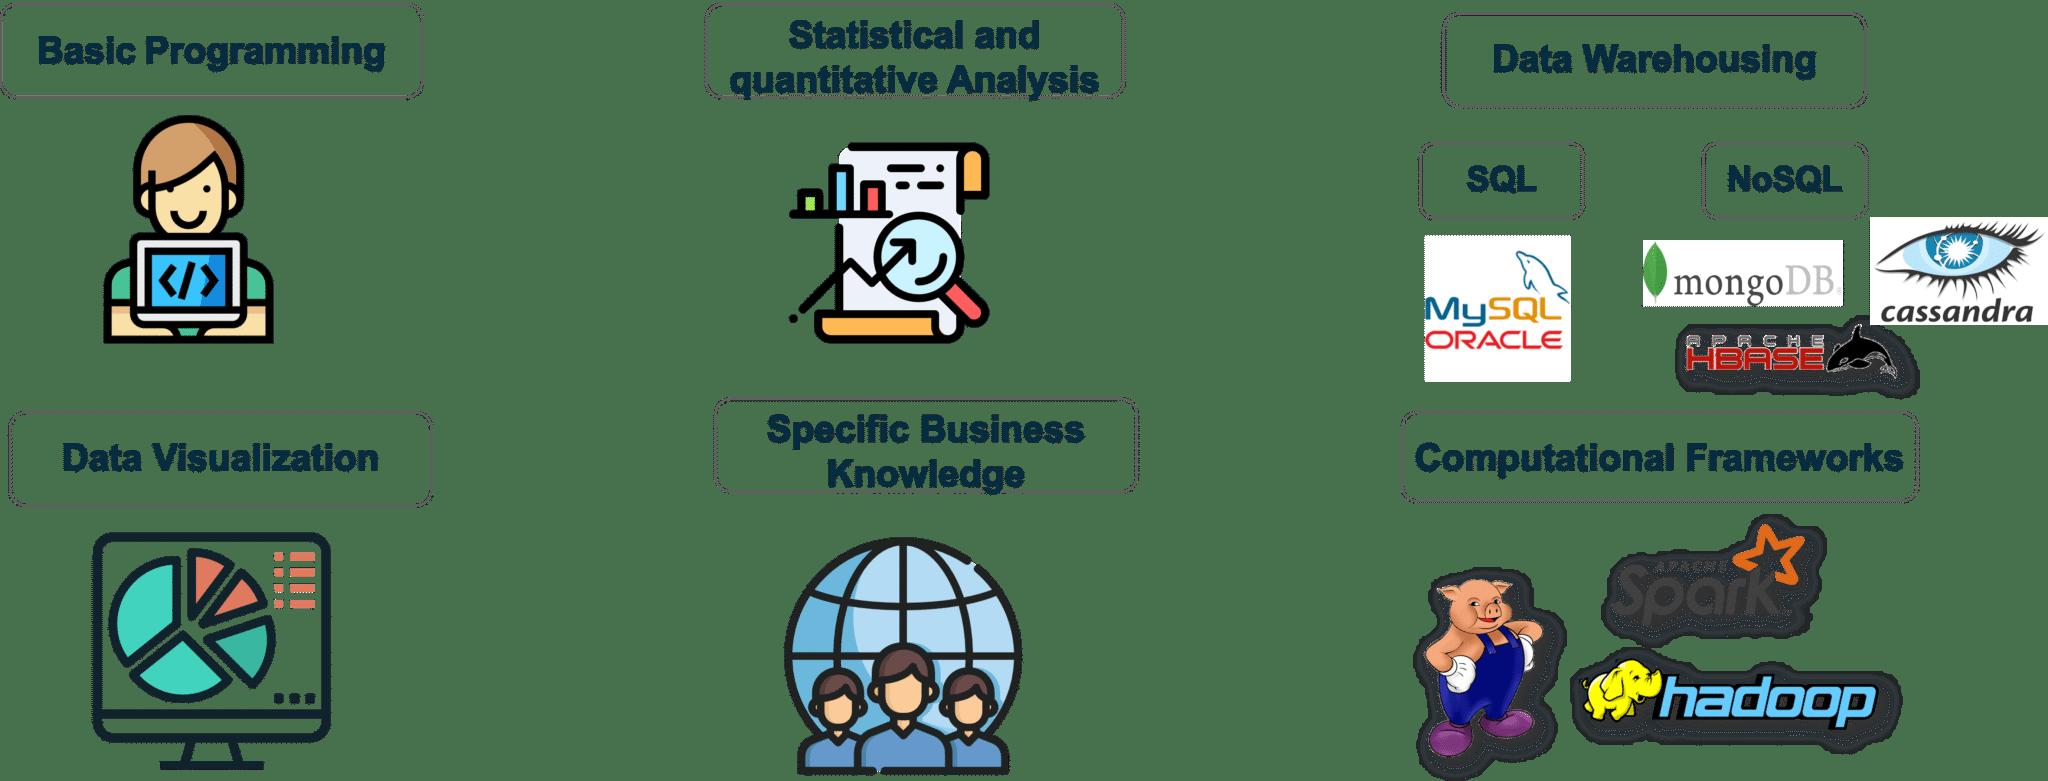 Skill Set Required for Big Data Analytics - Big Data Analytics - Edureka